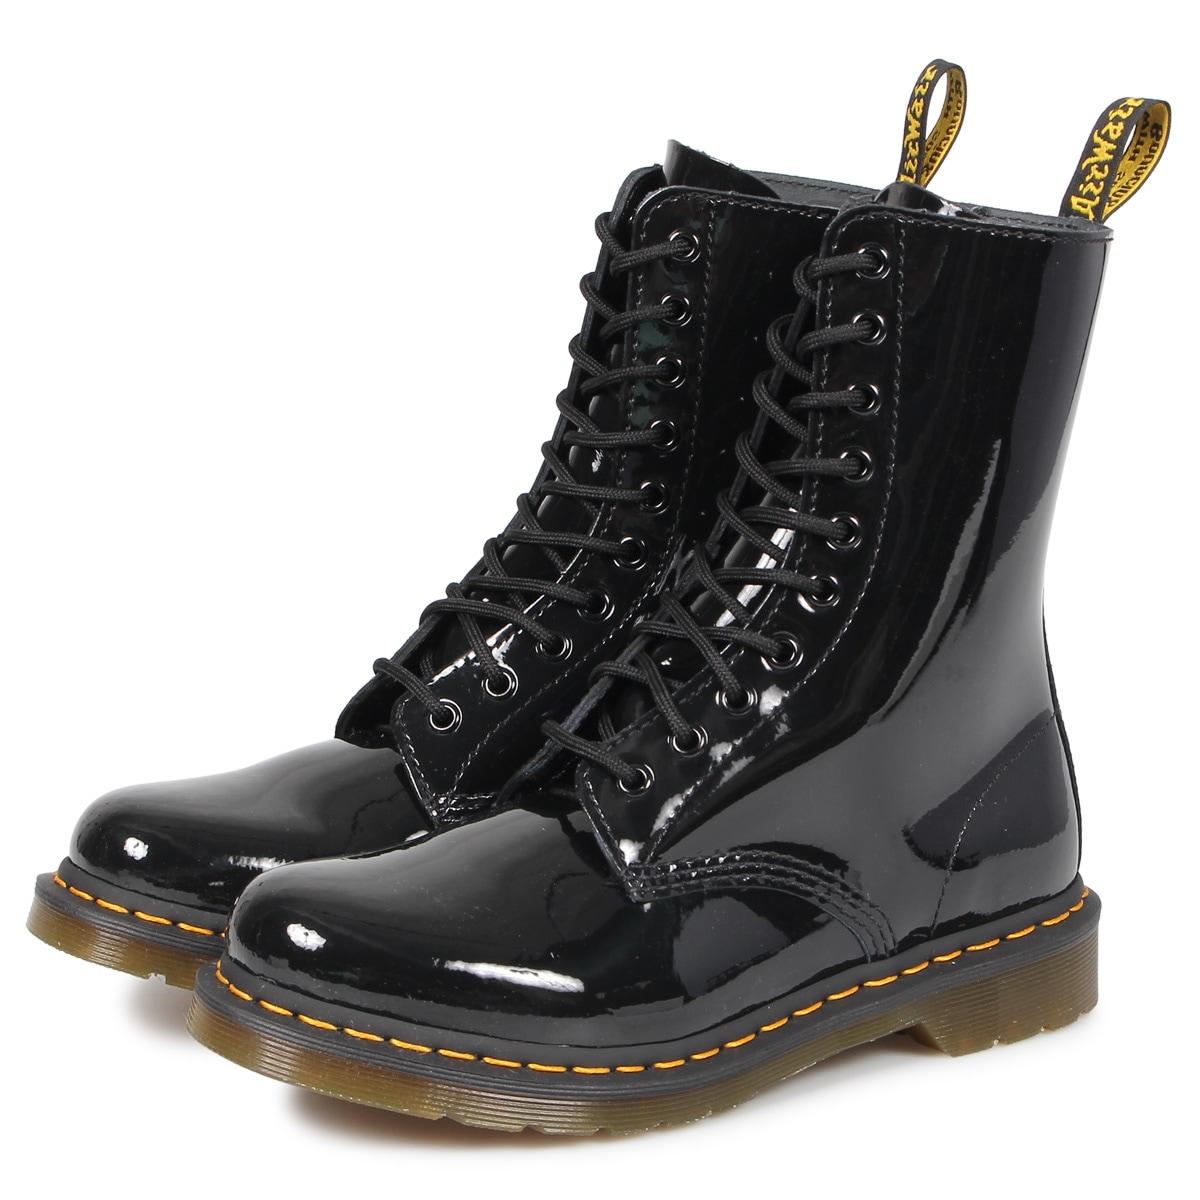 ドクターマーチン Dr. Martens 10ホール 1490 W ブーツ メンズ レディース PATENT LAMPER 10EYE BOOT ブラック 黒 R25277001